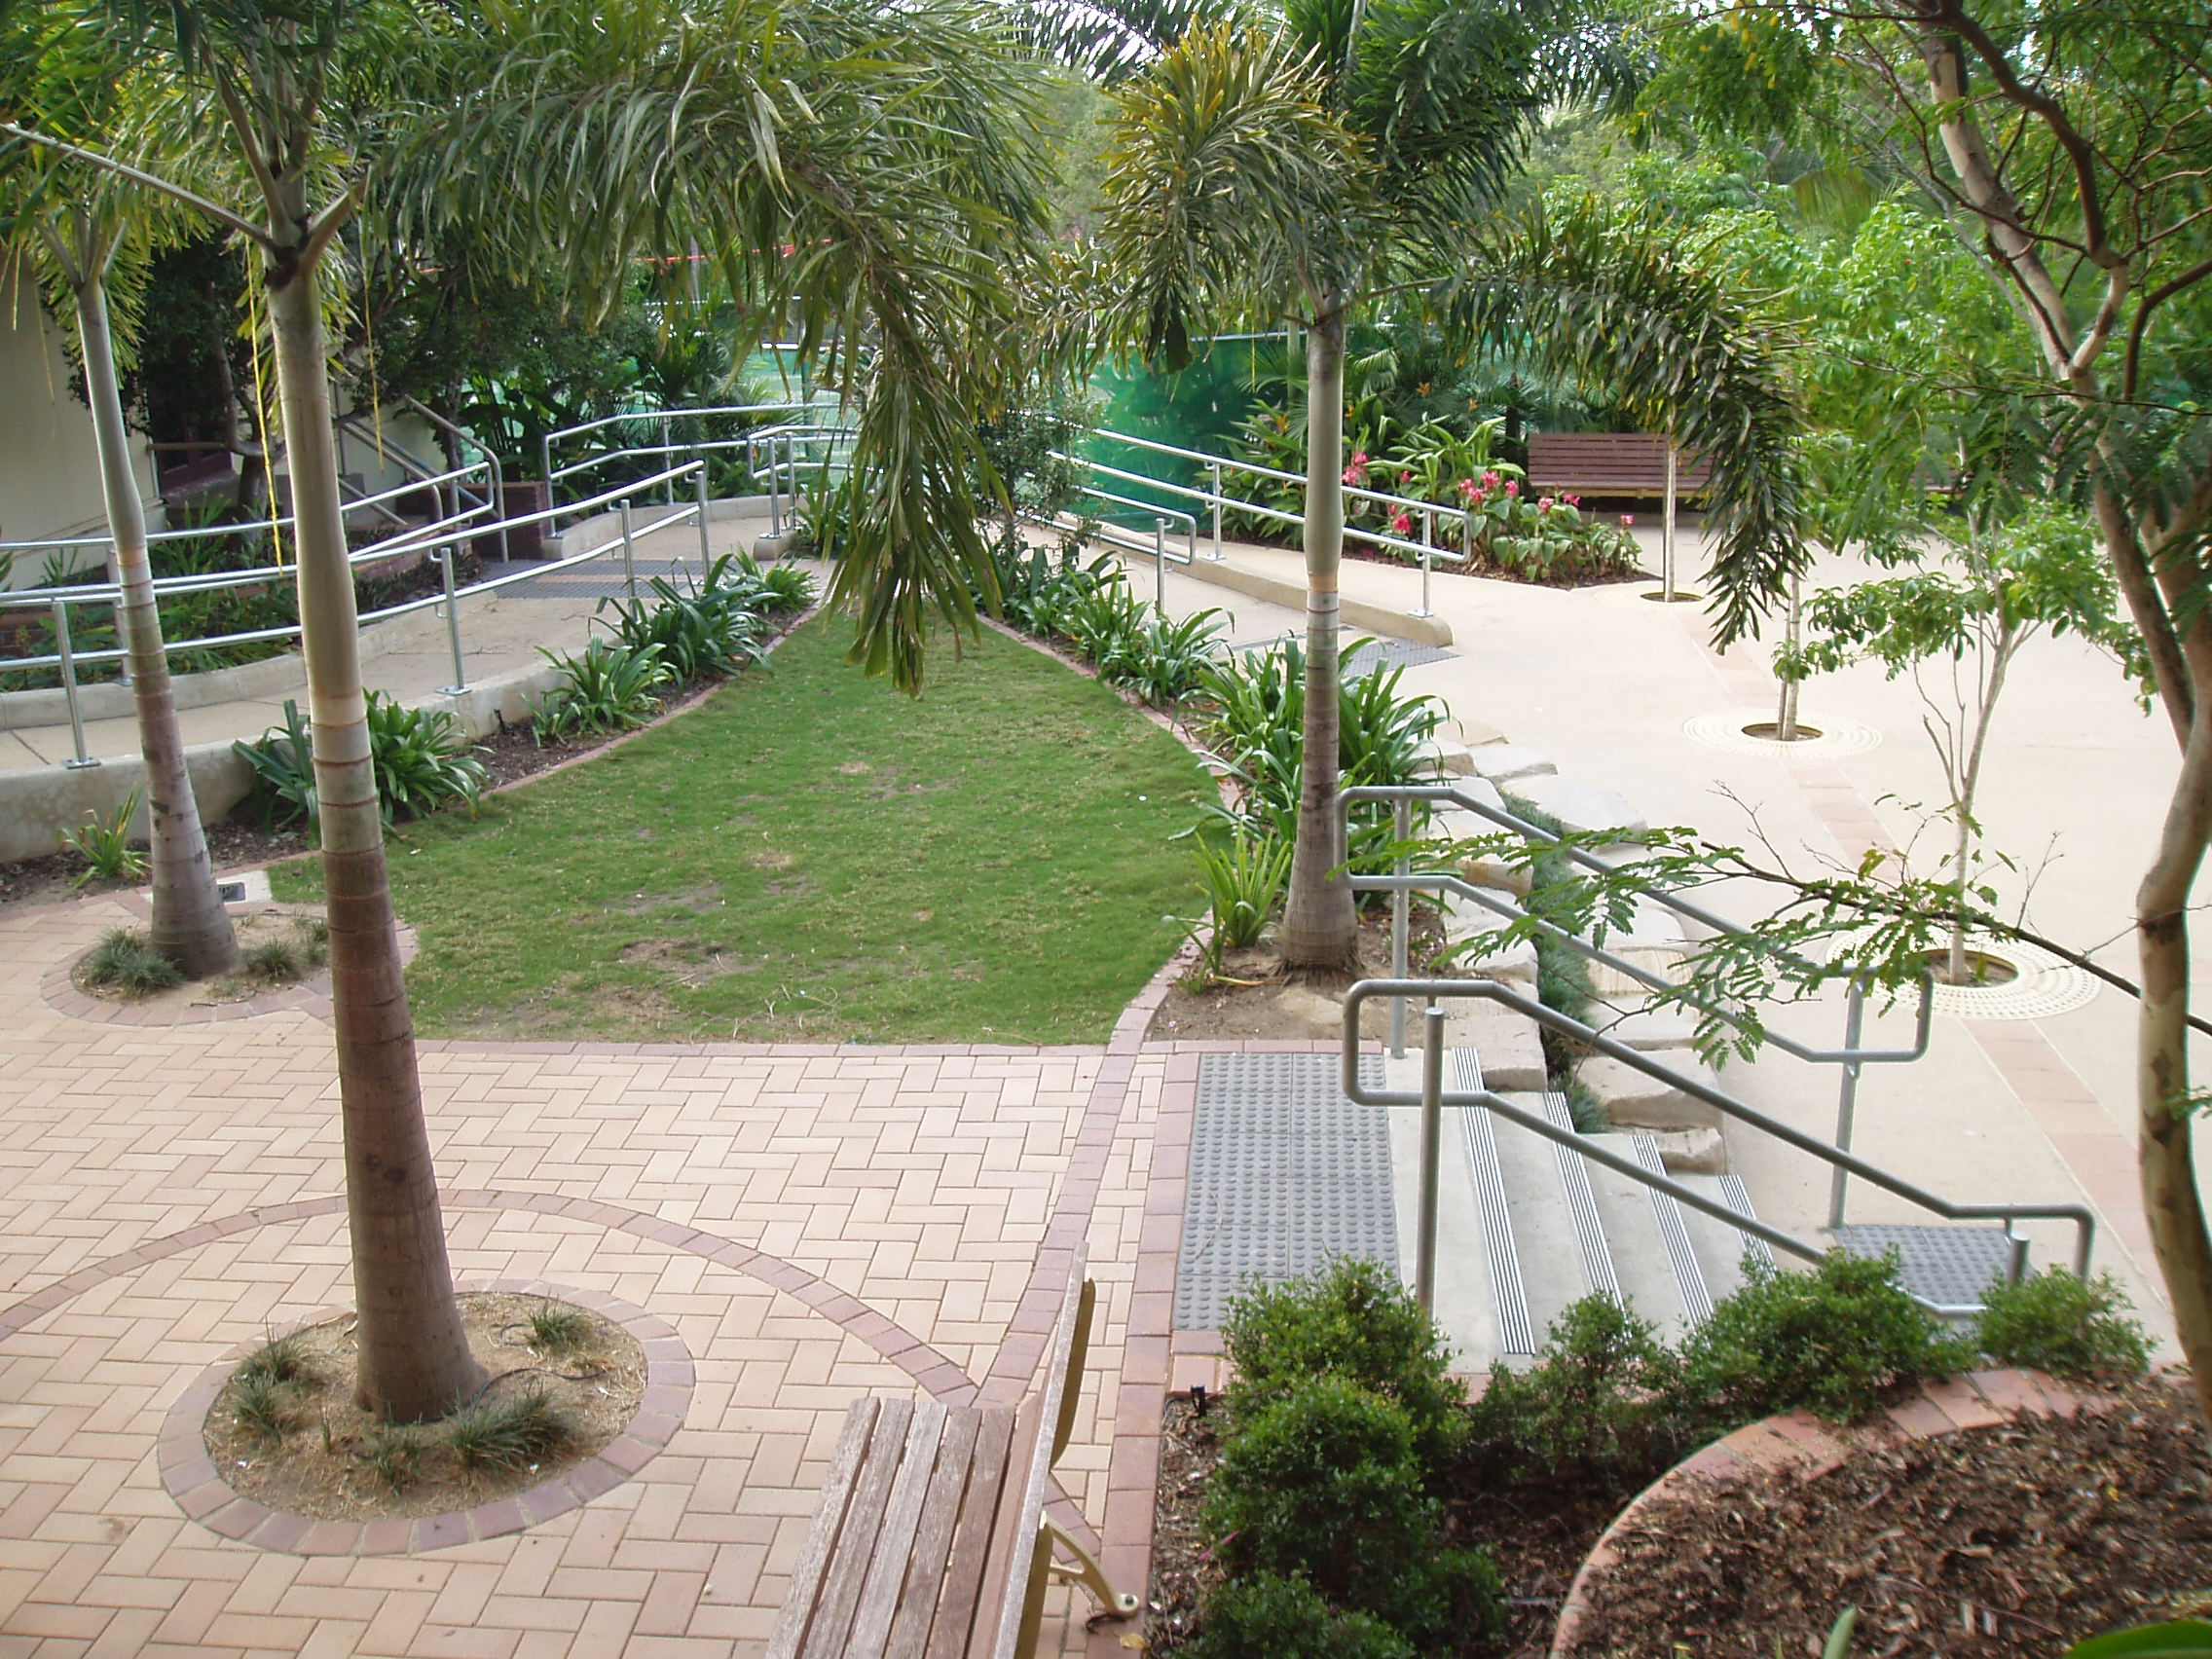 Commercial Landscaping Brisbane | Landscapers Brisbane ...